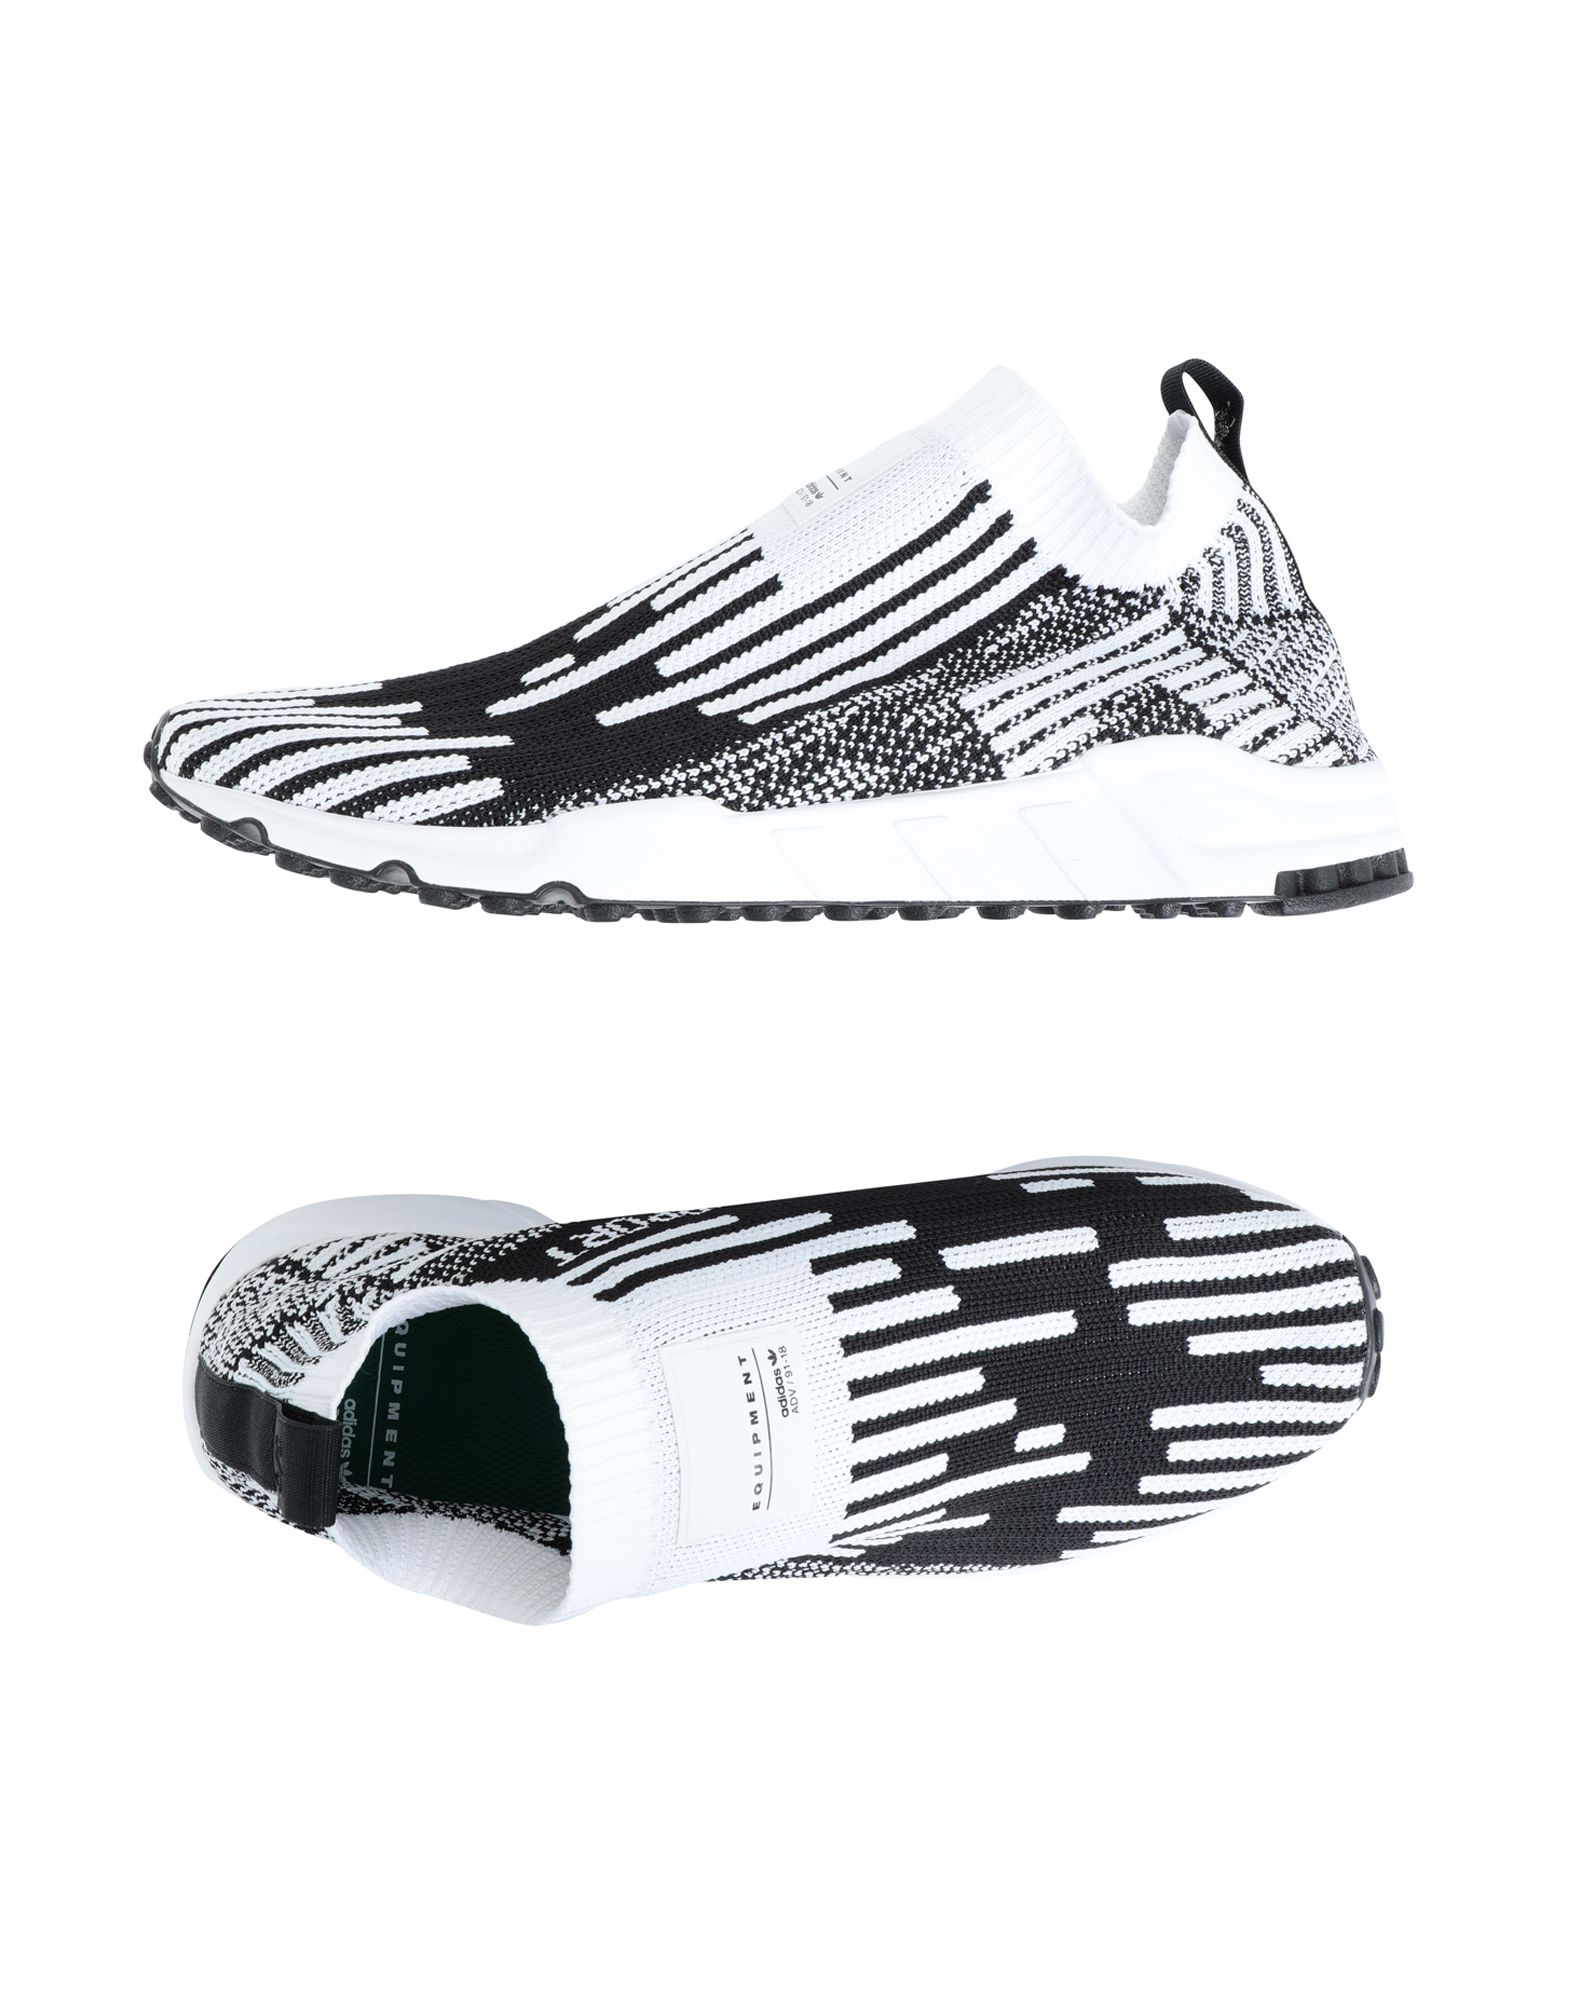 Zapatillas Adidas Originals Eqt Support - Sk Pk - Support Hombre - Zapatillas Adidas Originals  Blanco 634389